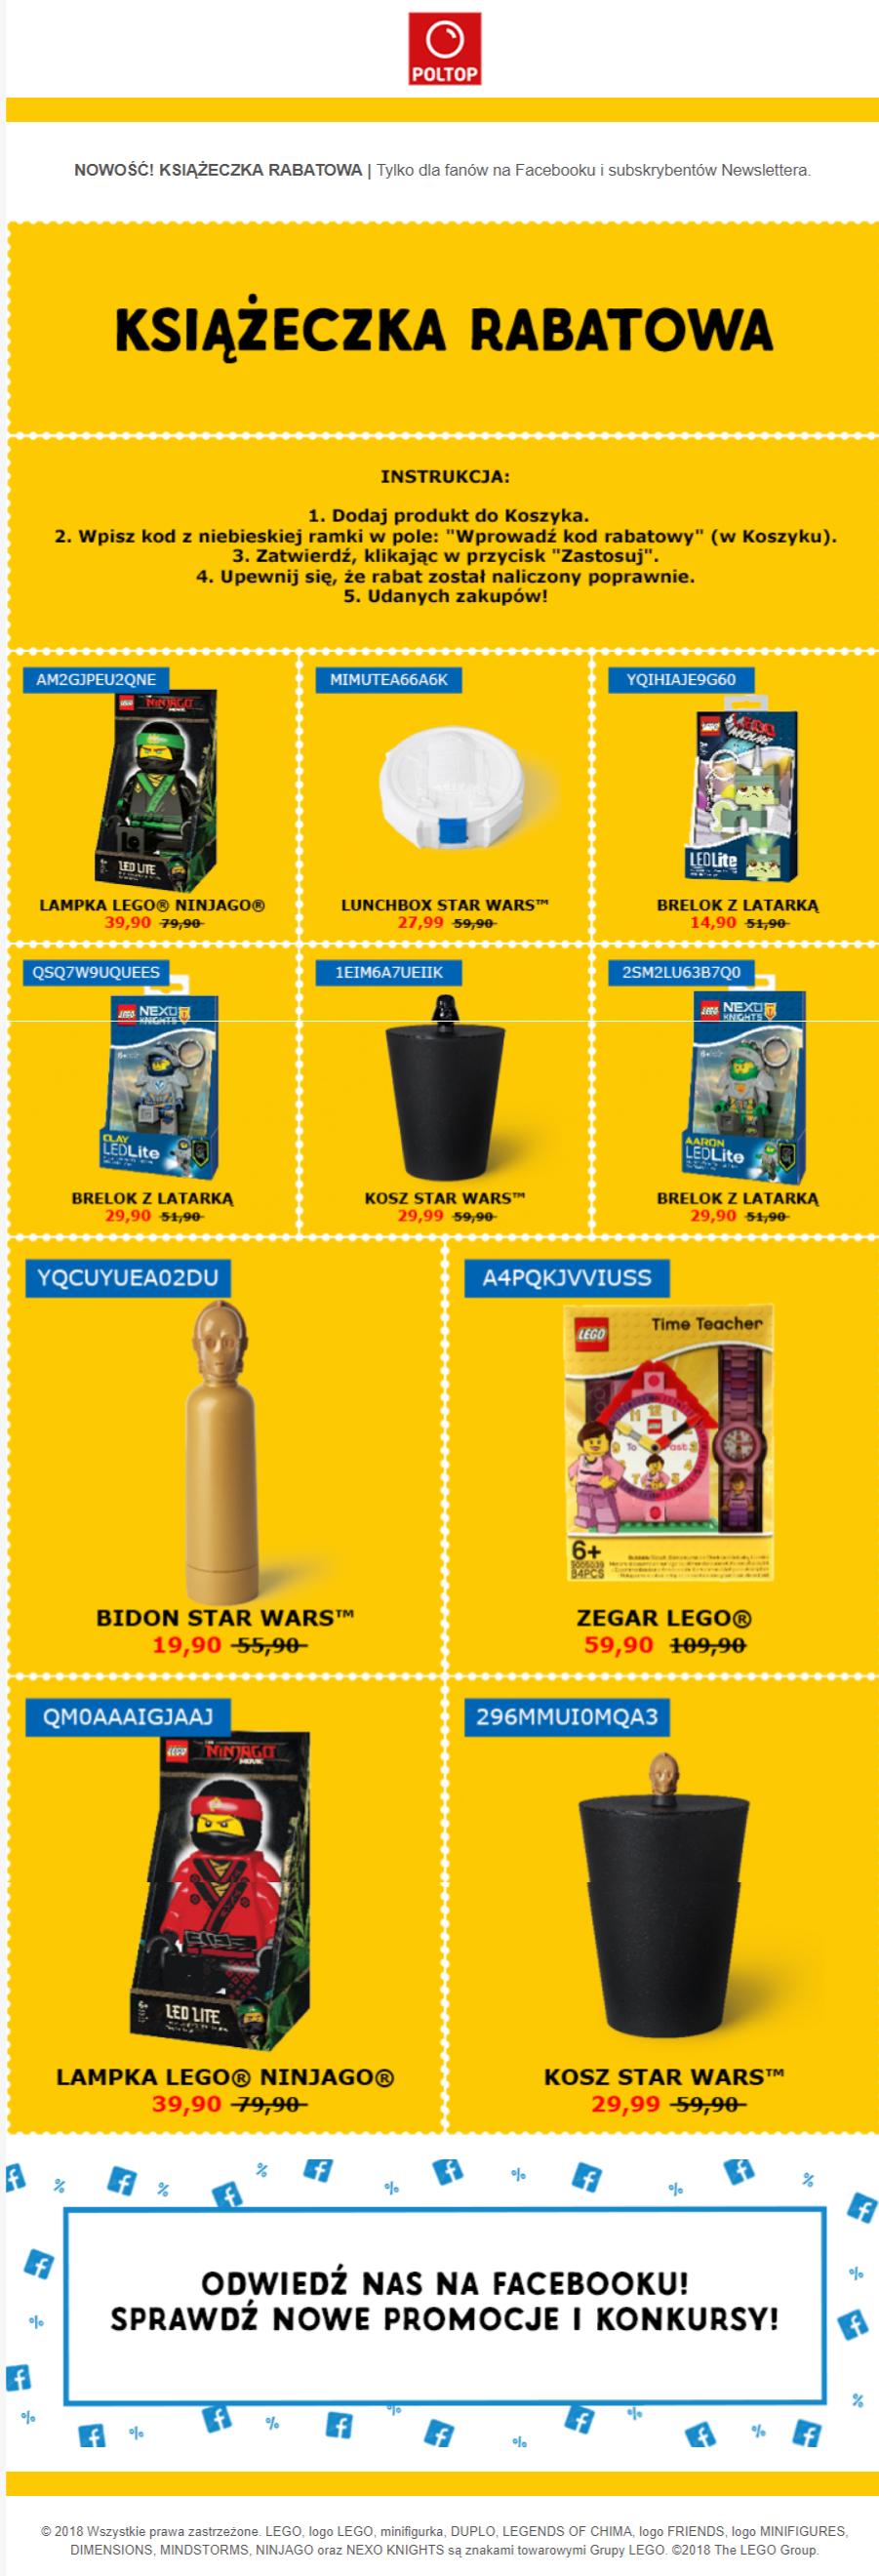 Lego/Star Wars Książeczka rabatowa od POLTOP